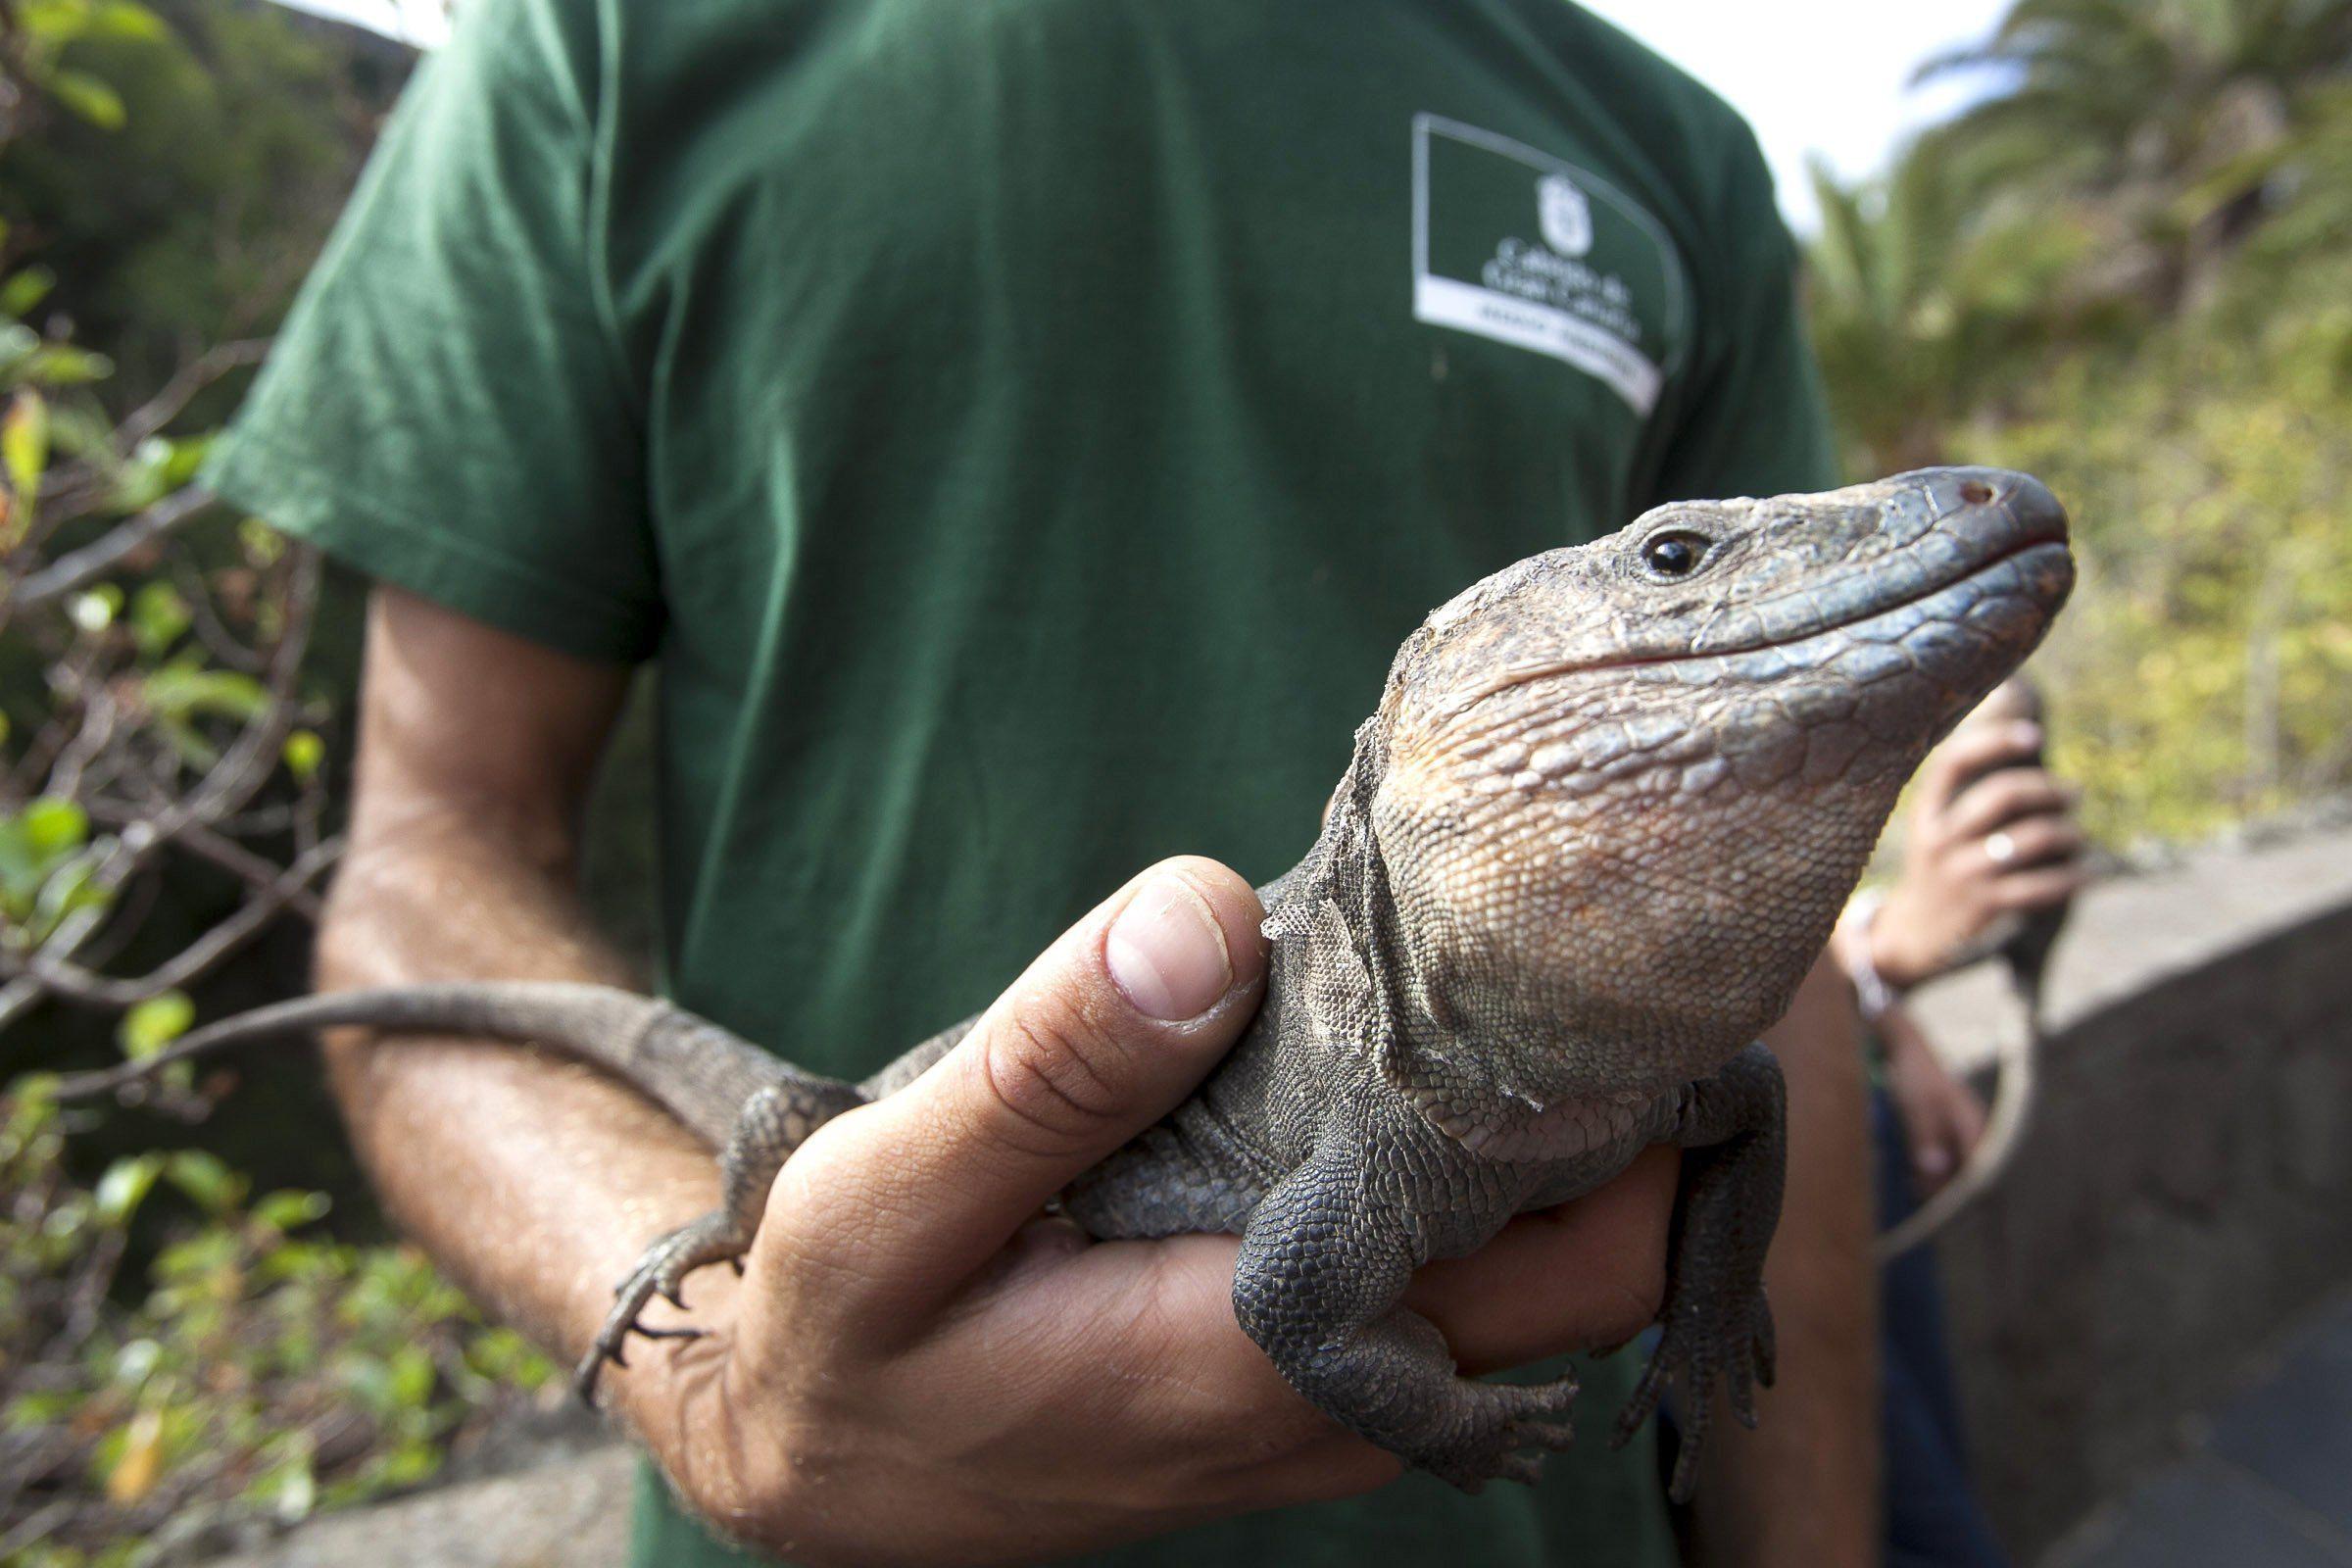 Ejemplar de lagarto gigante de El Hierro